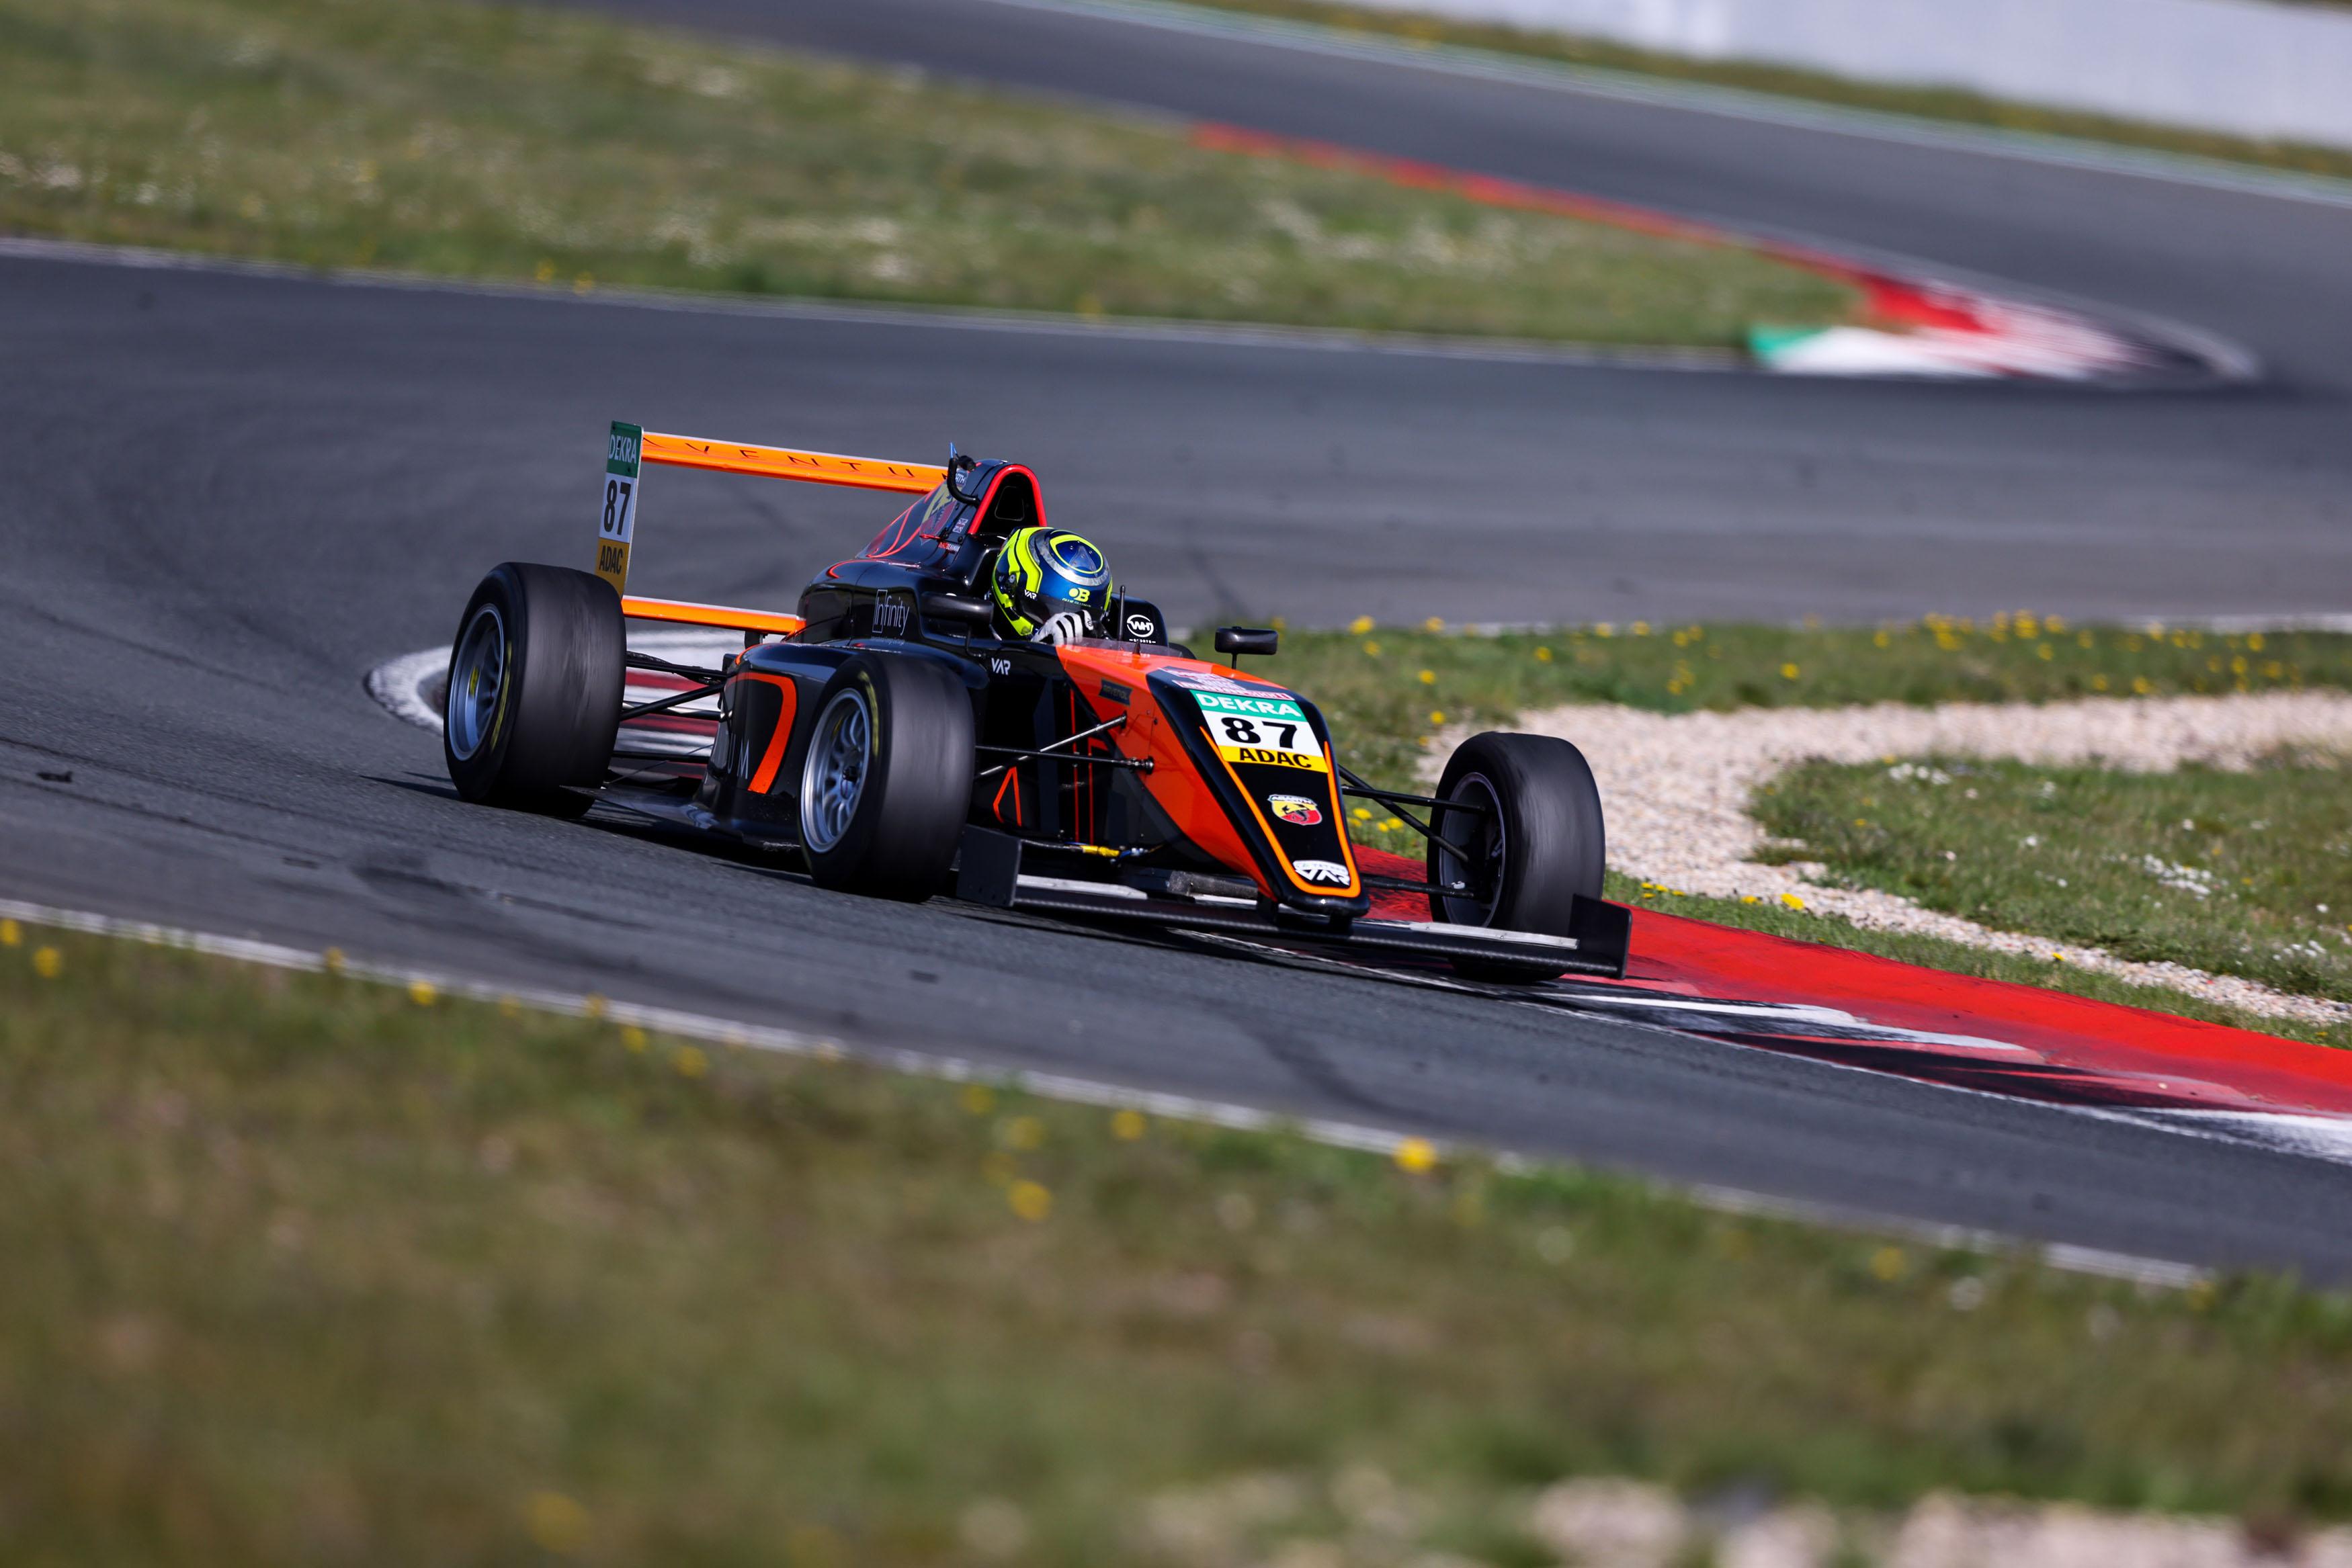 Best time in testing for Van Amersfoort driver Bearman